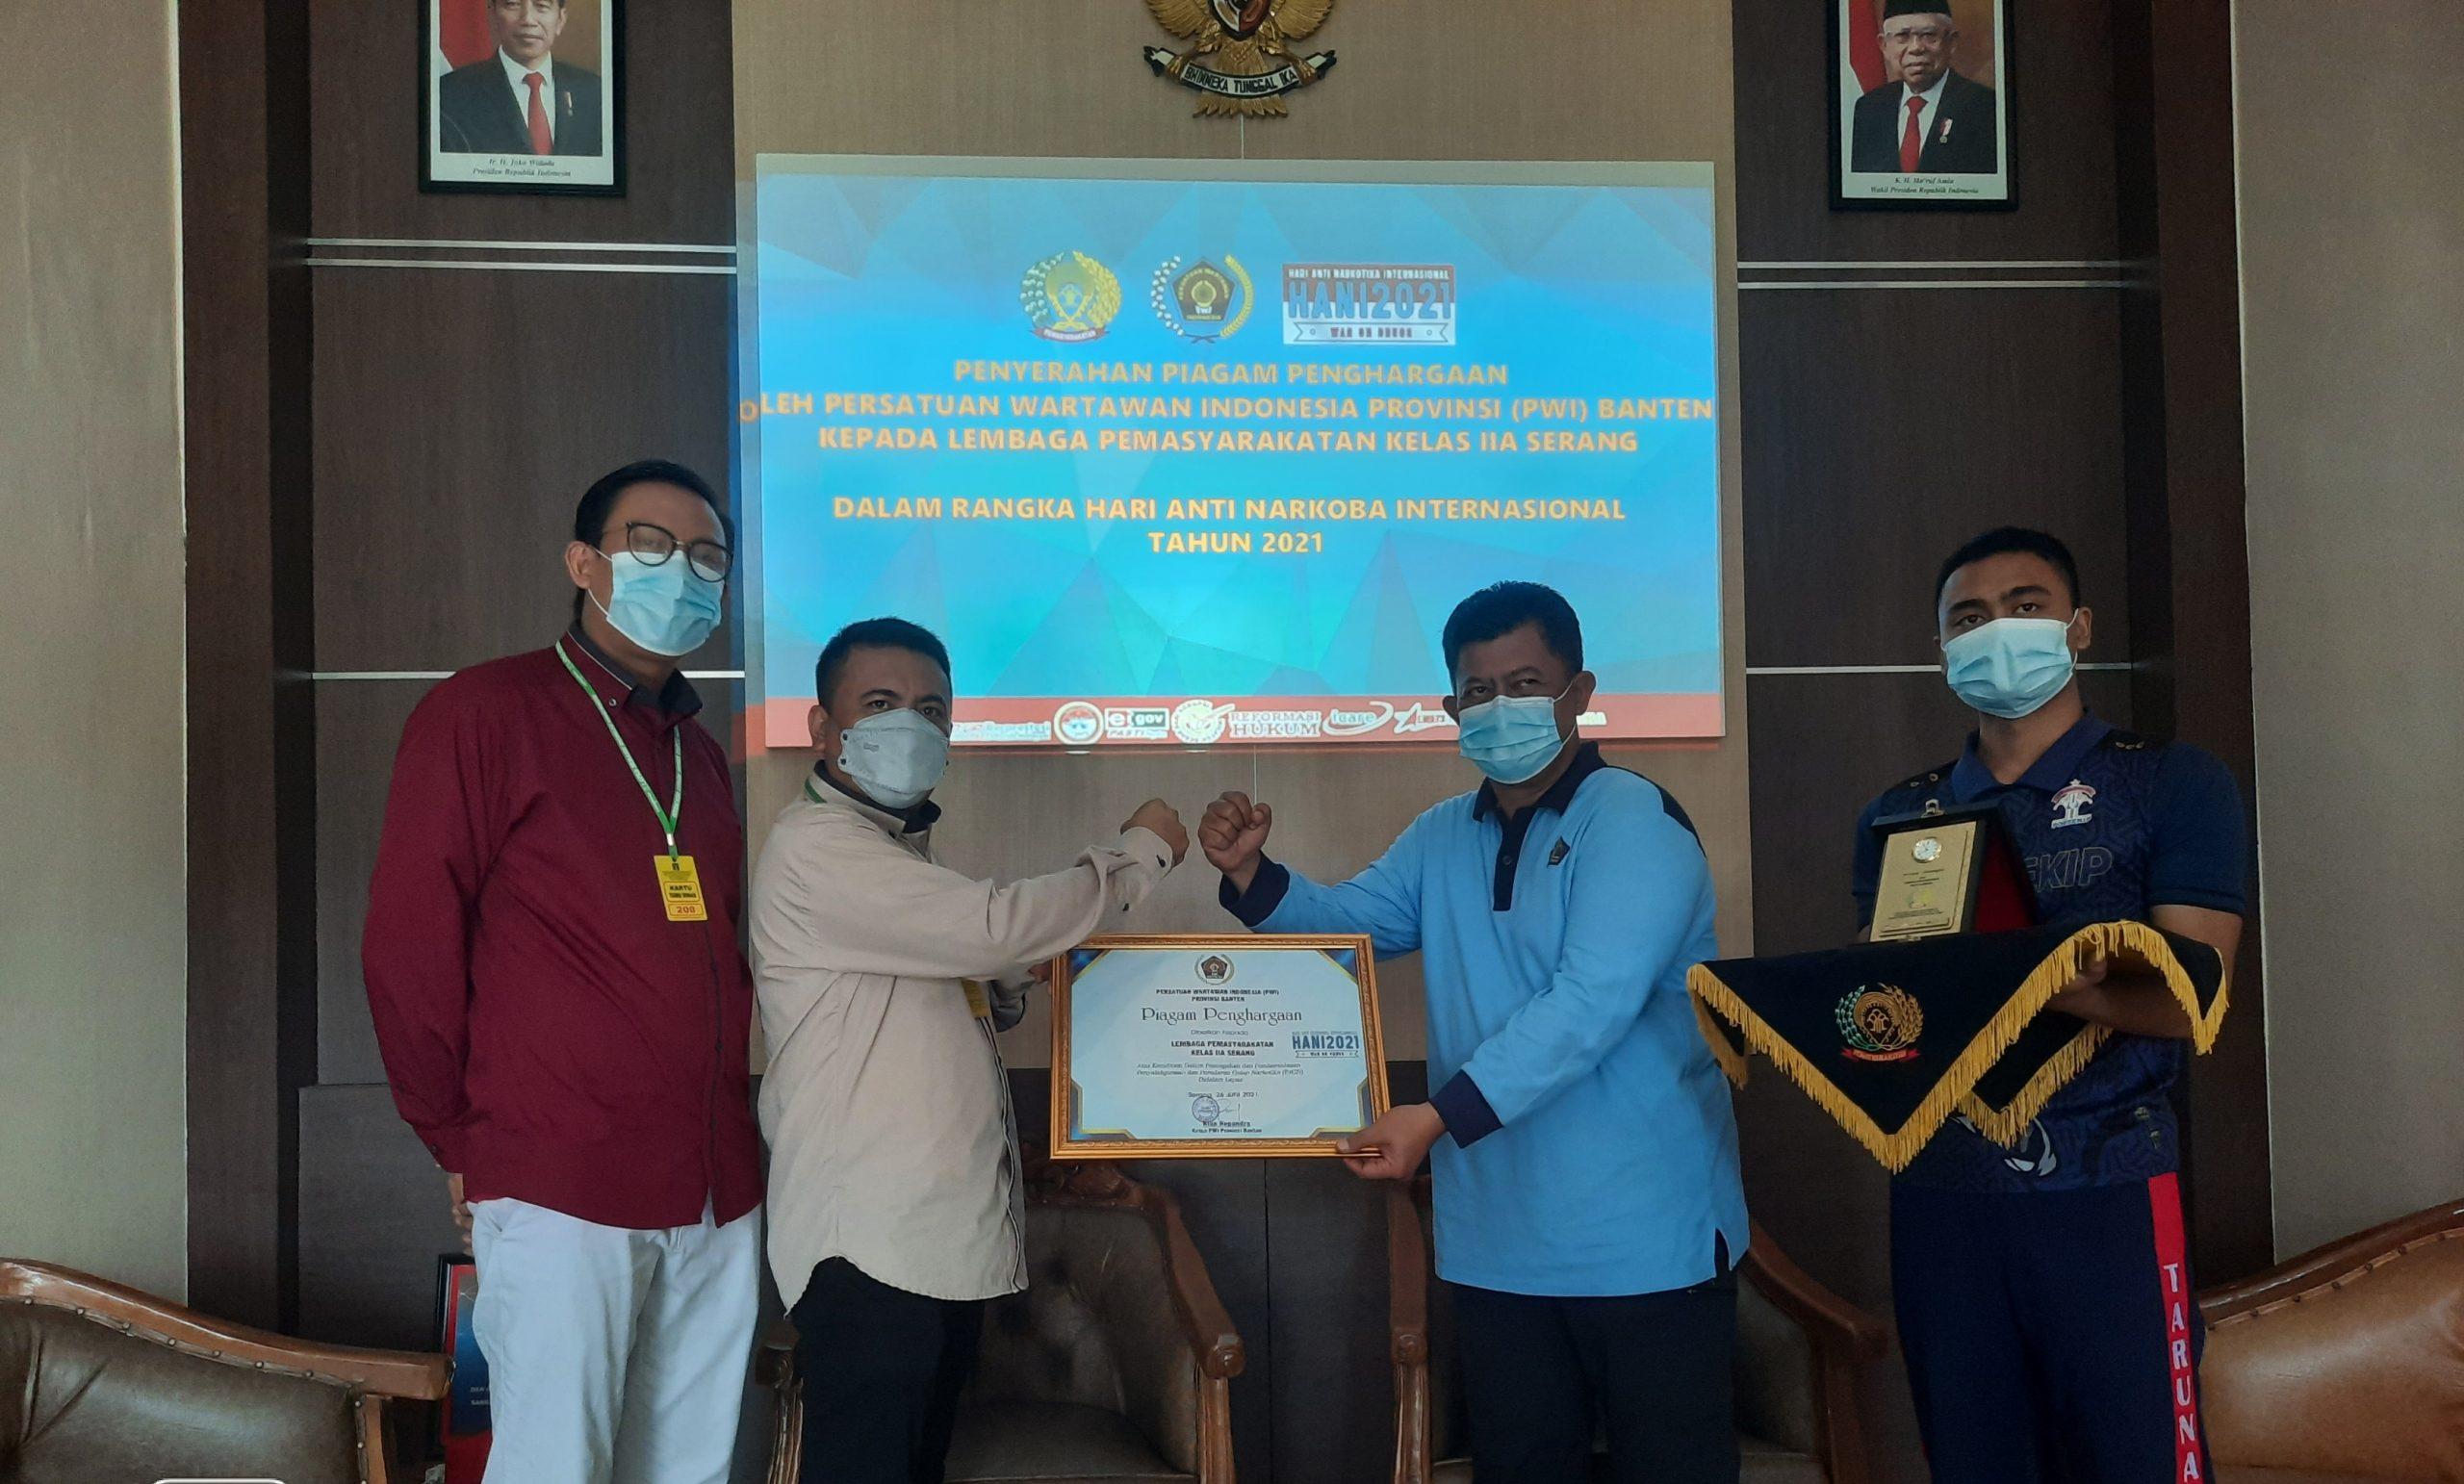 Gambar Peringati HANI 2021, Ketua PWI Banten Berikan Penghargaan Kepada Lapas Serang 11